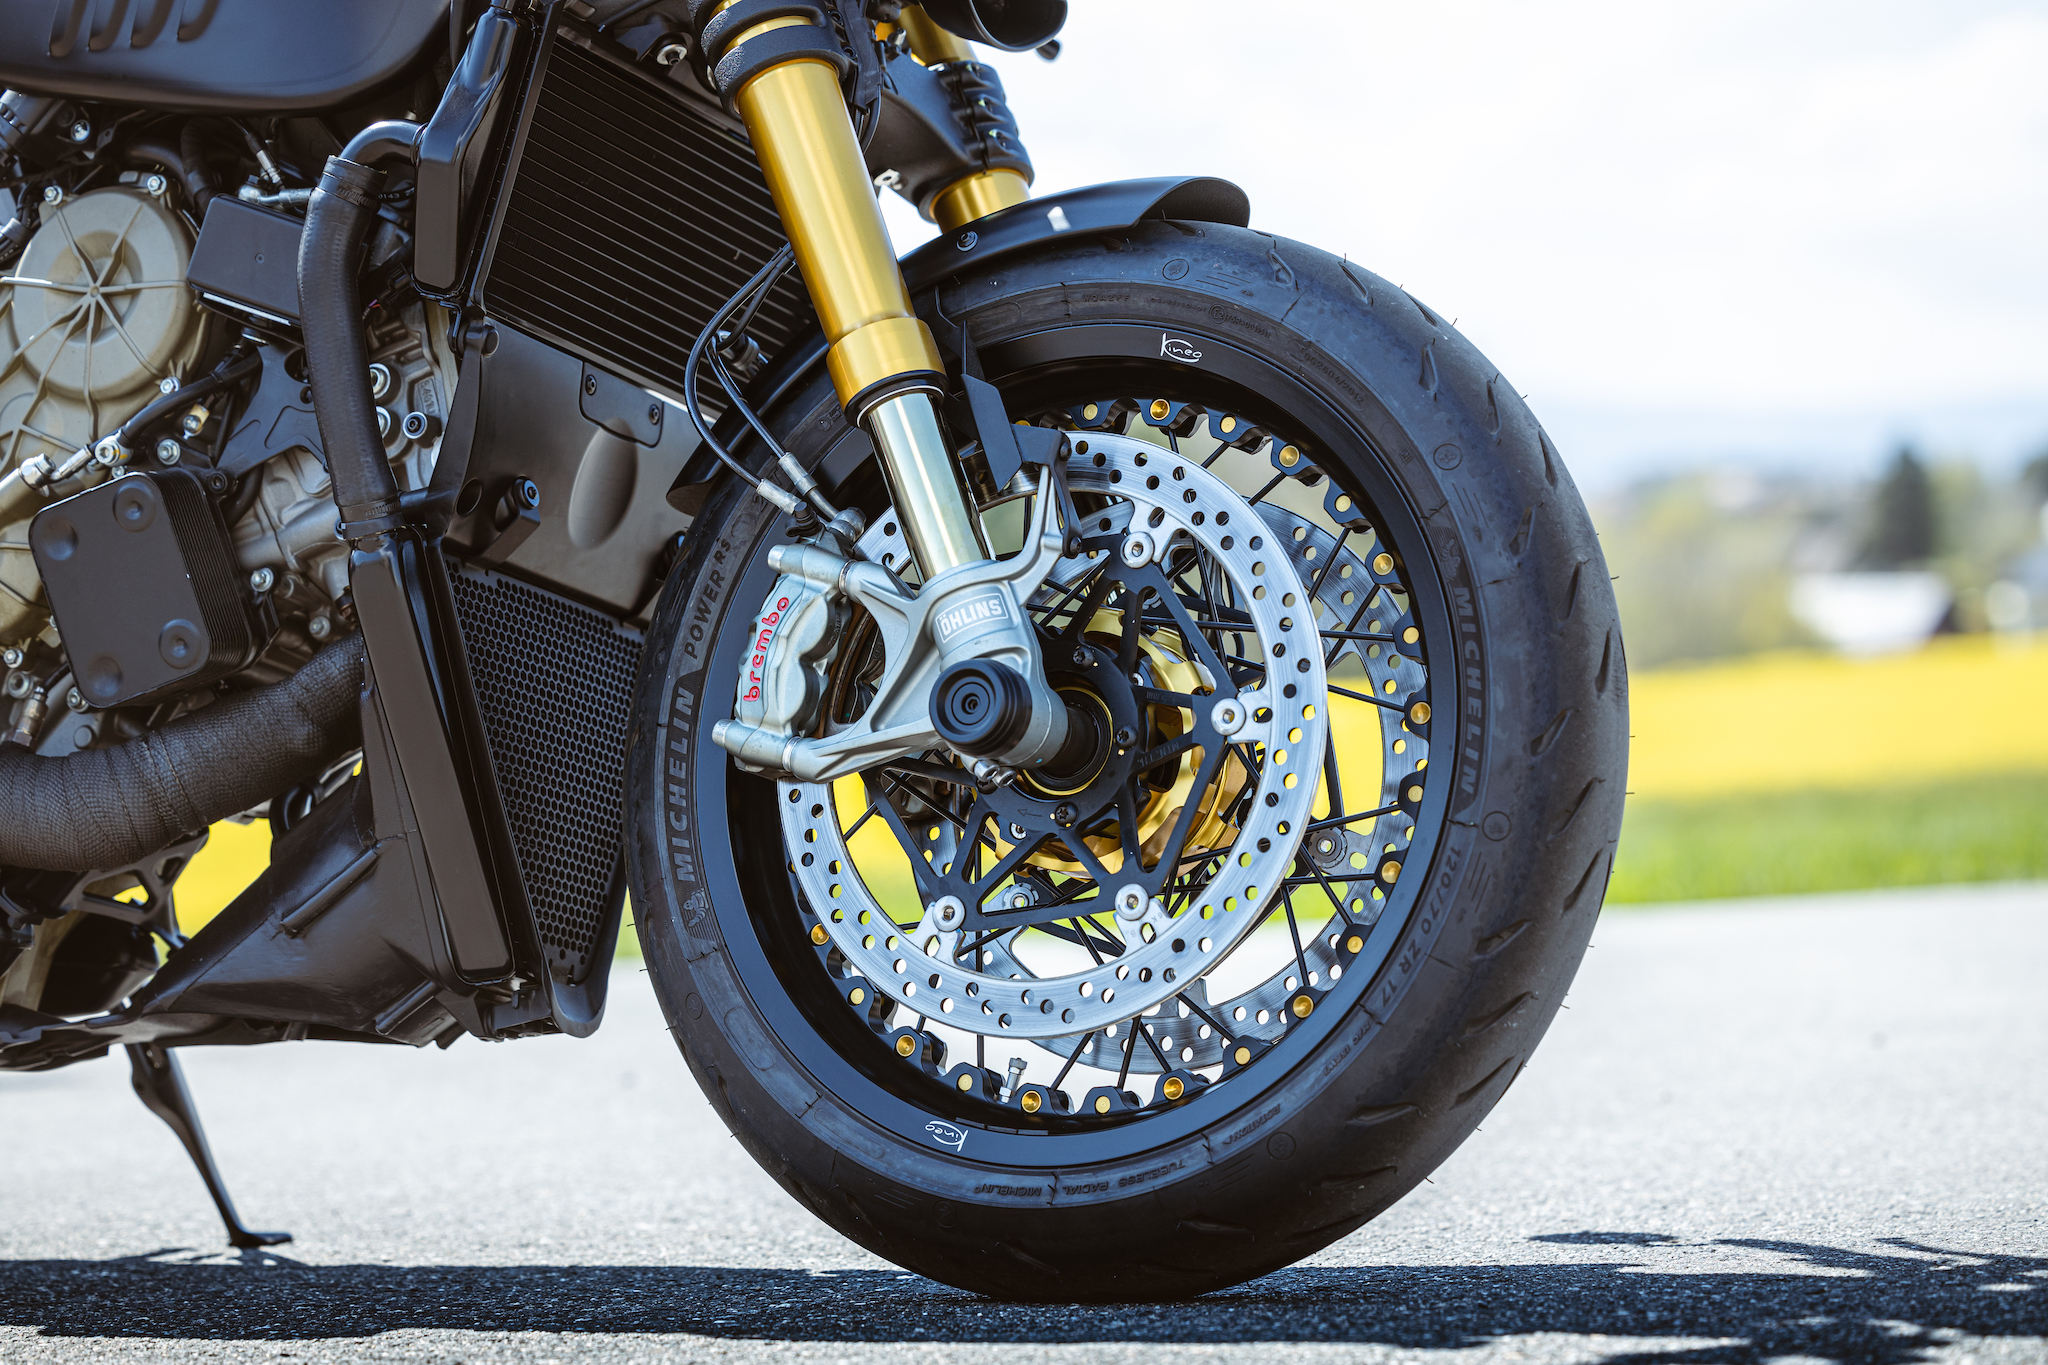 Ducati_Panigale_naked_dream-motos_Madpik-small10